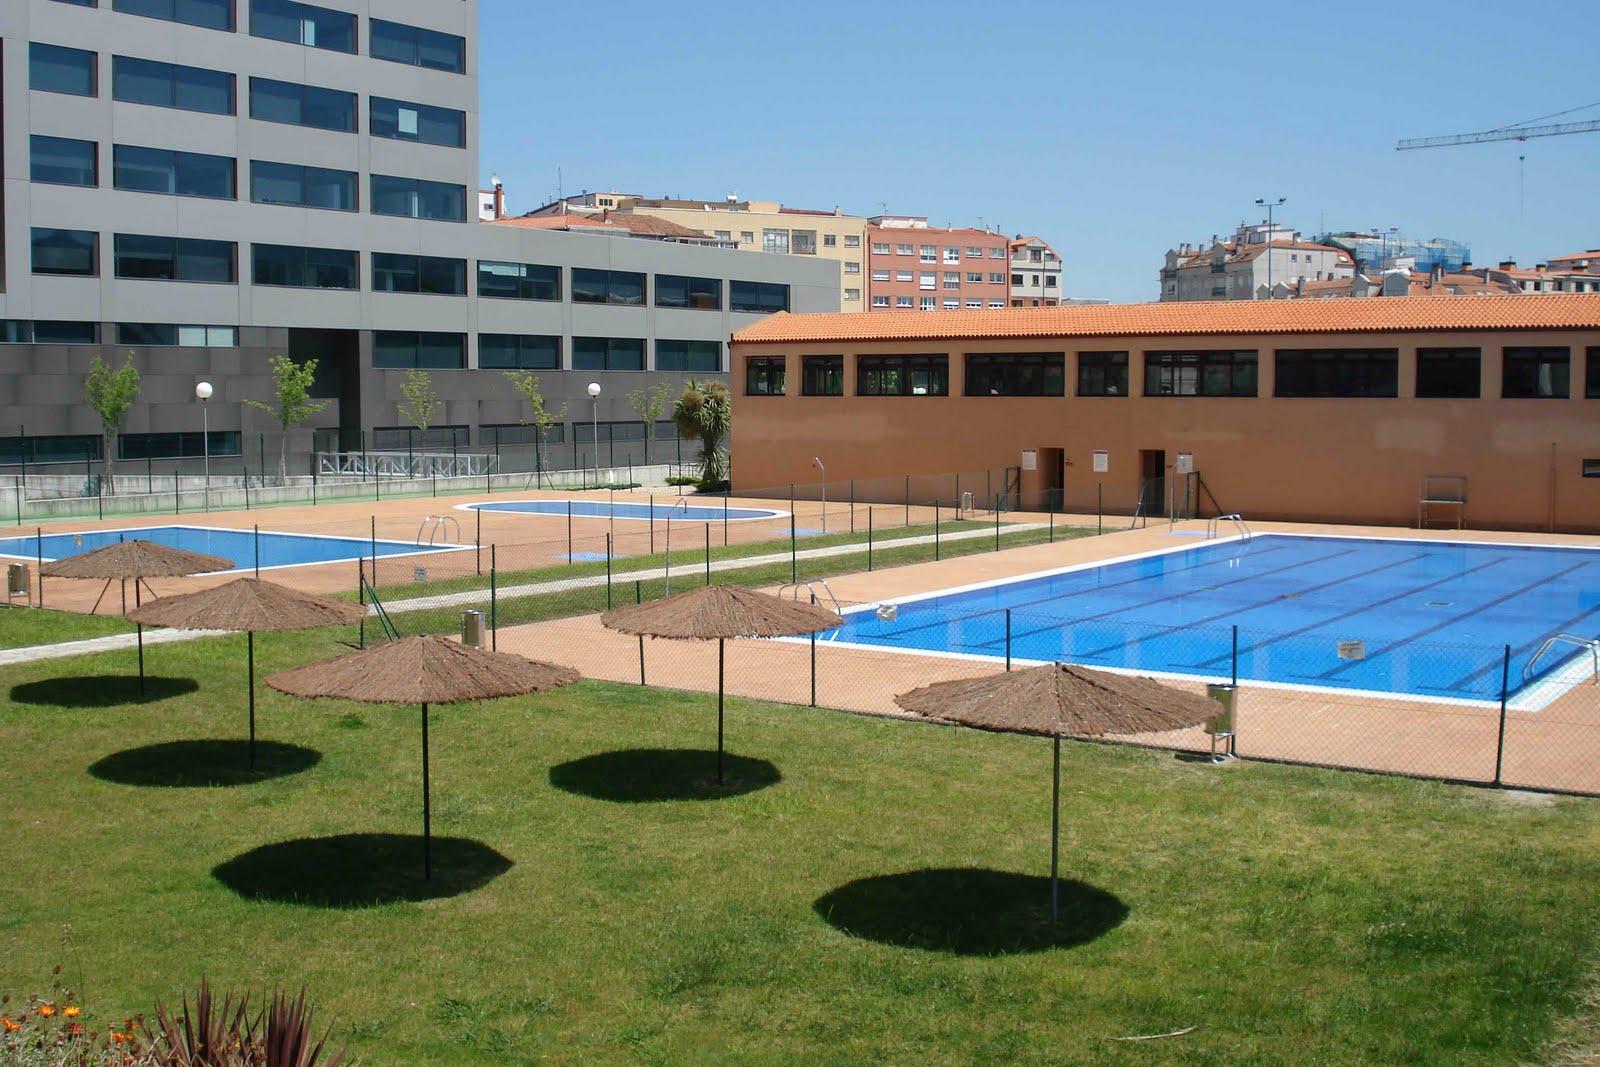 Club nataci n pontevedra campus actividades acu ticas for Piscina campolongo